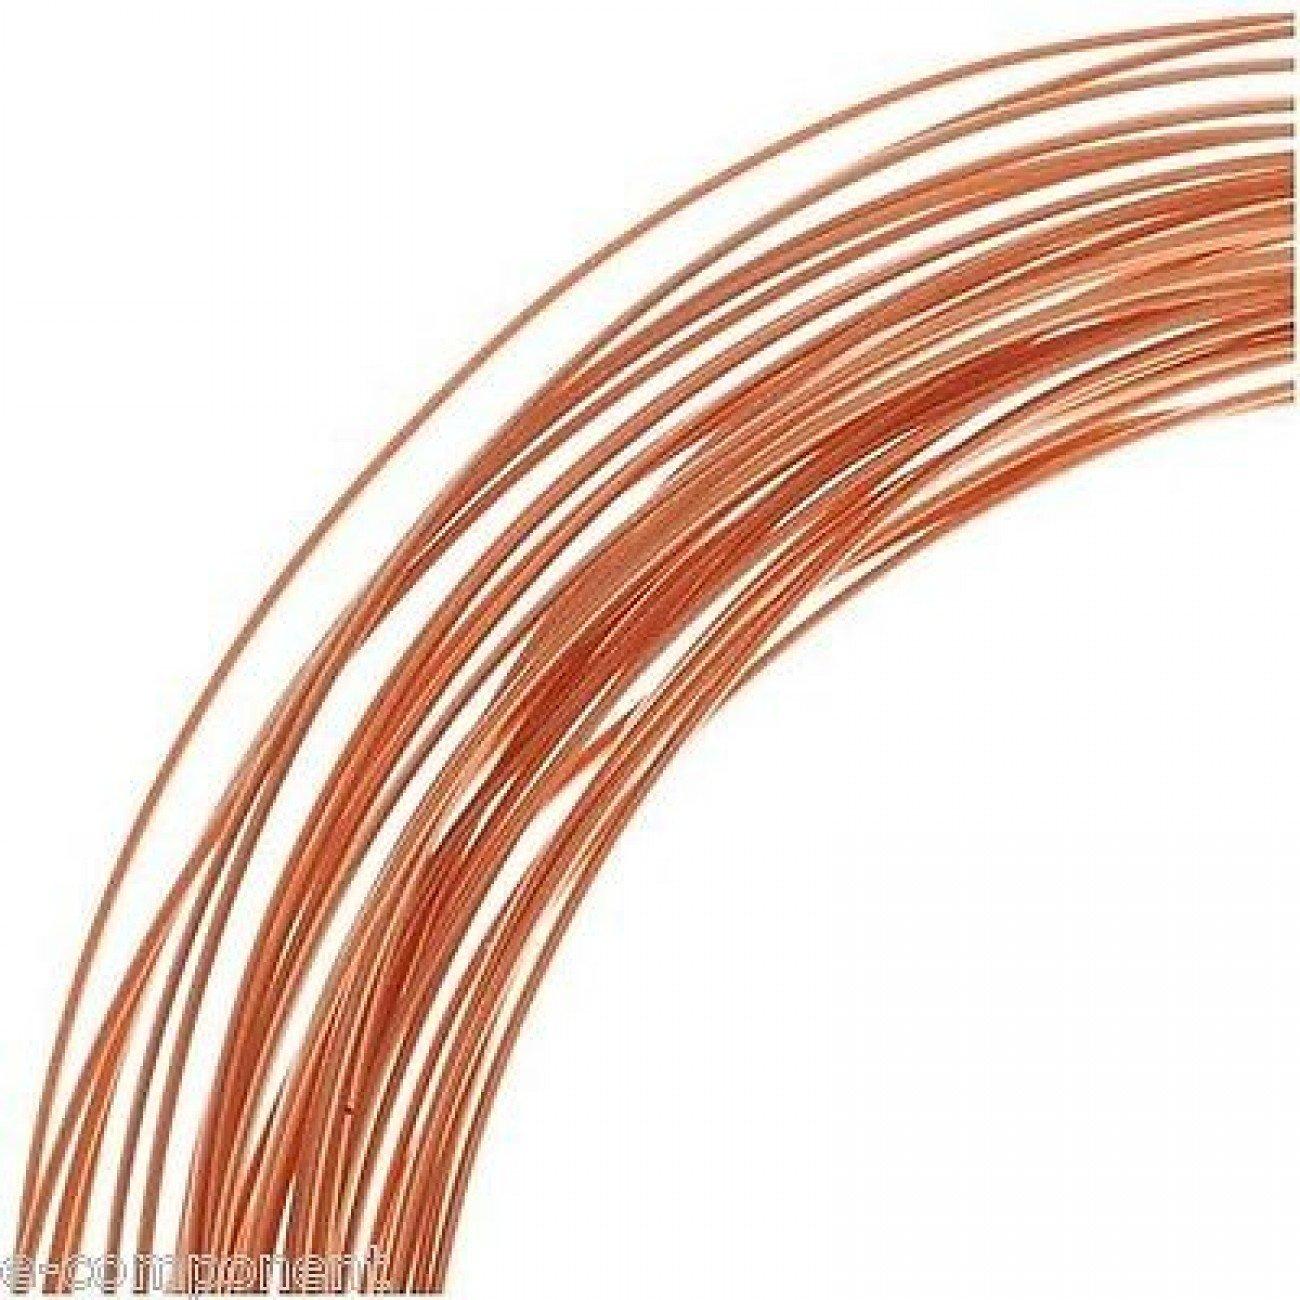 Ecomponent - Hilo de cobre esmaltado para electró nica - Medidas 0, 30 mm - Cantidad 1 metro 30mm - Cantidad 1metro 281072129606